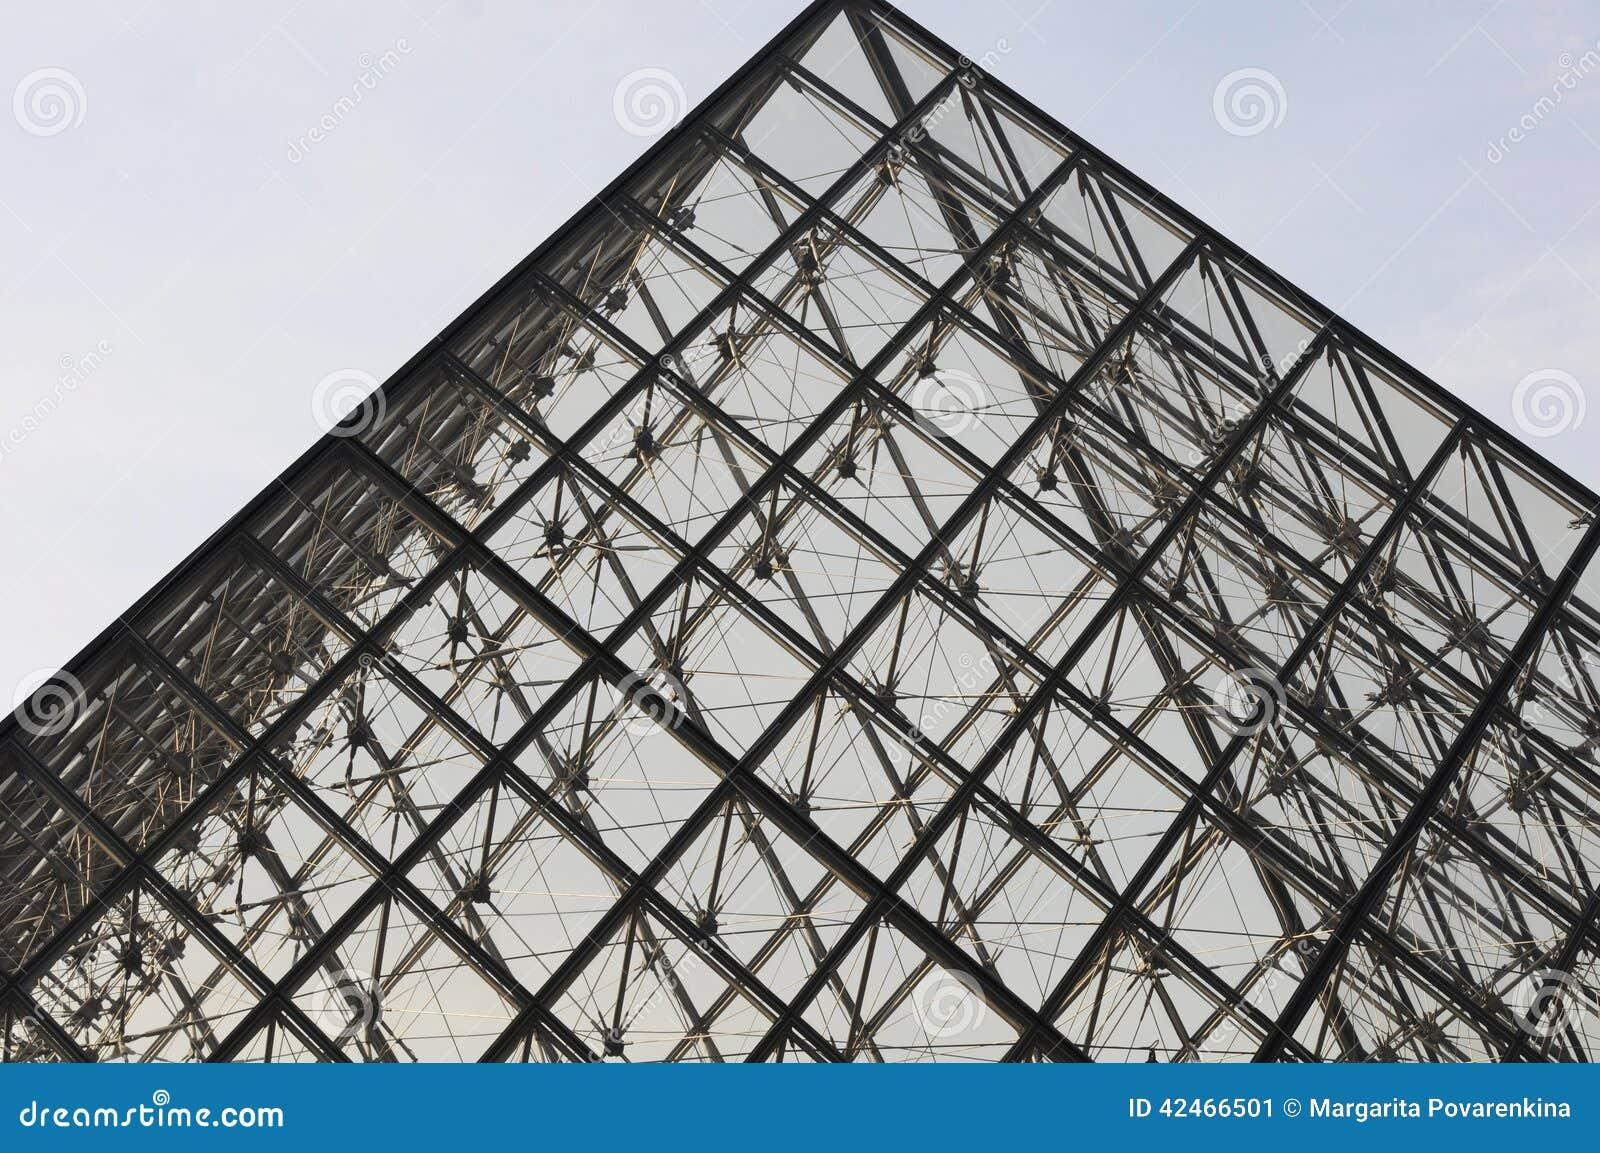 Pyramide des Louvre, Paris, Franca